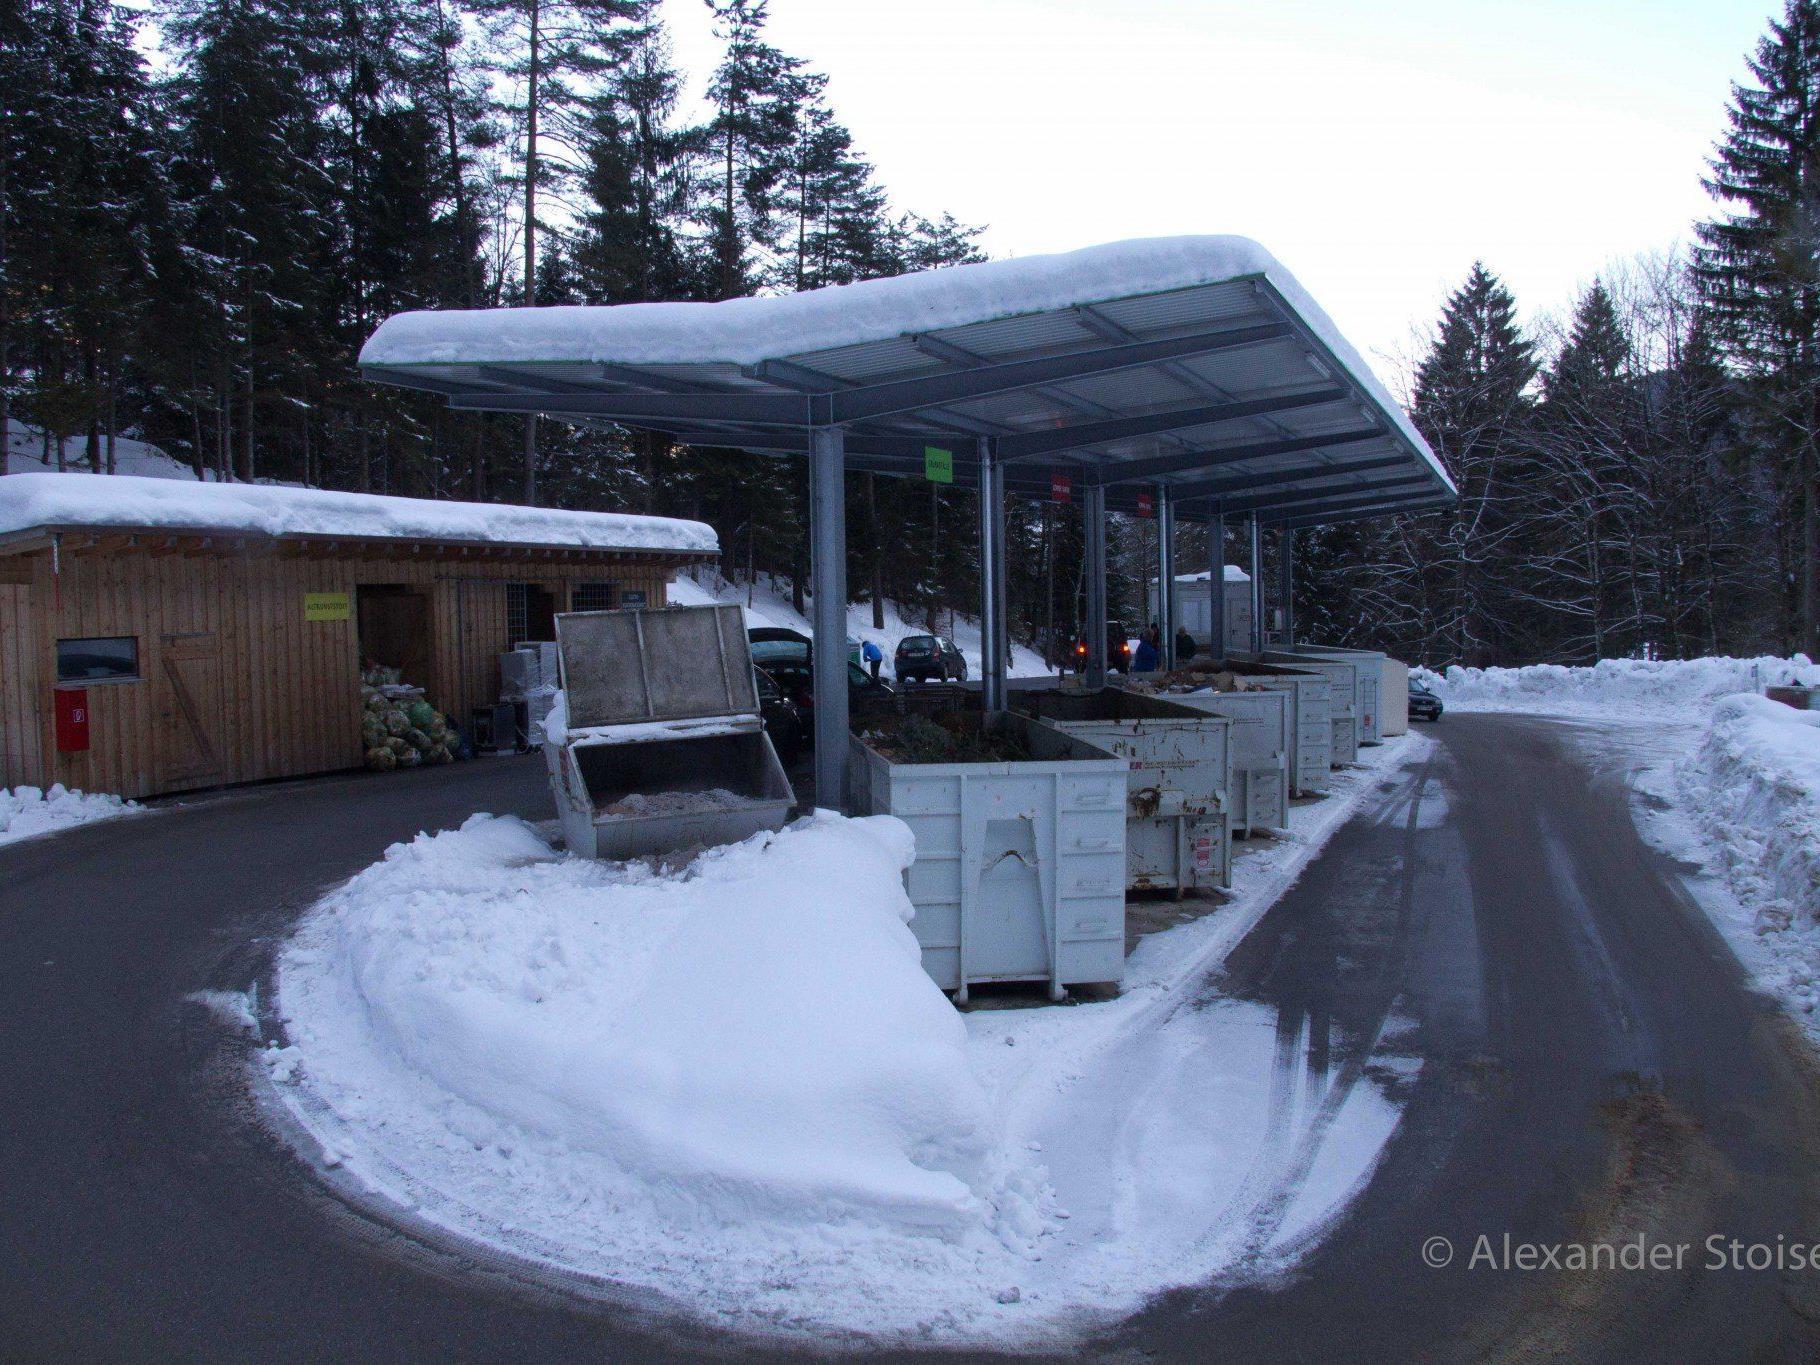 Nicht erst wenn der Schnee liegt, sondern bereits ab 1. Oktober gelten die Winteröffnungszeiten auf der Deponie Gafadura.